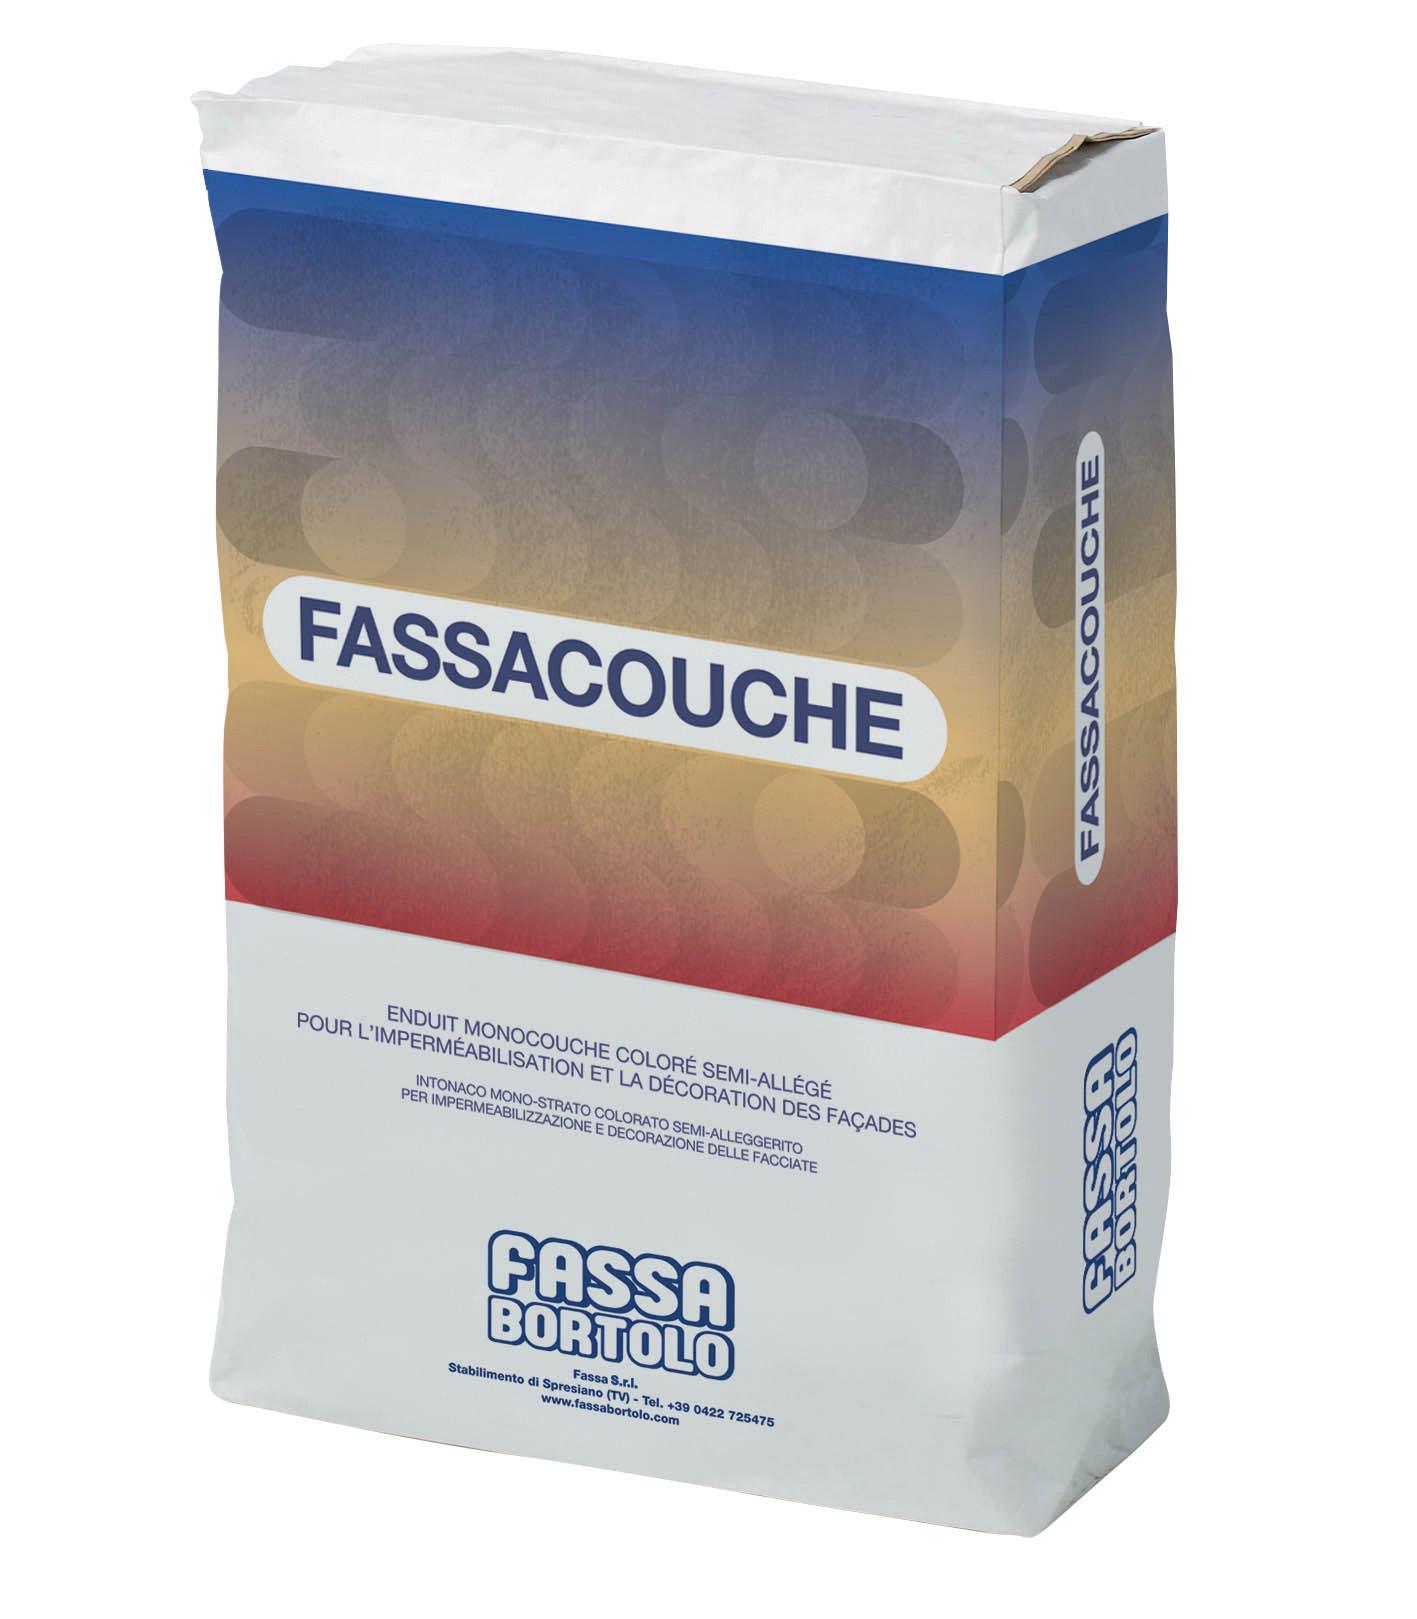 FASSACOUCHE: Intonaco monostrato colorato semi-alleggerito per la protezione e la decorazione delle facciate